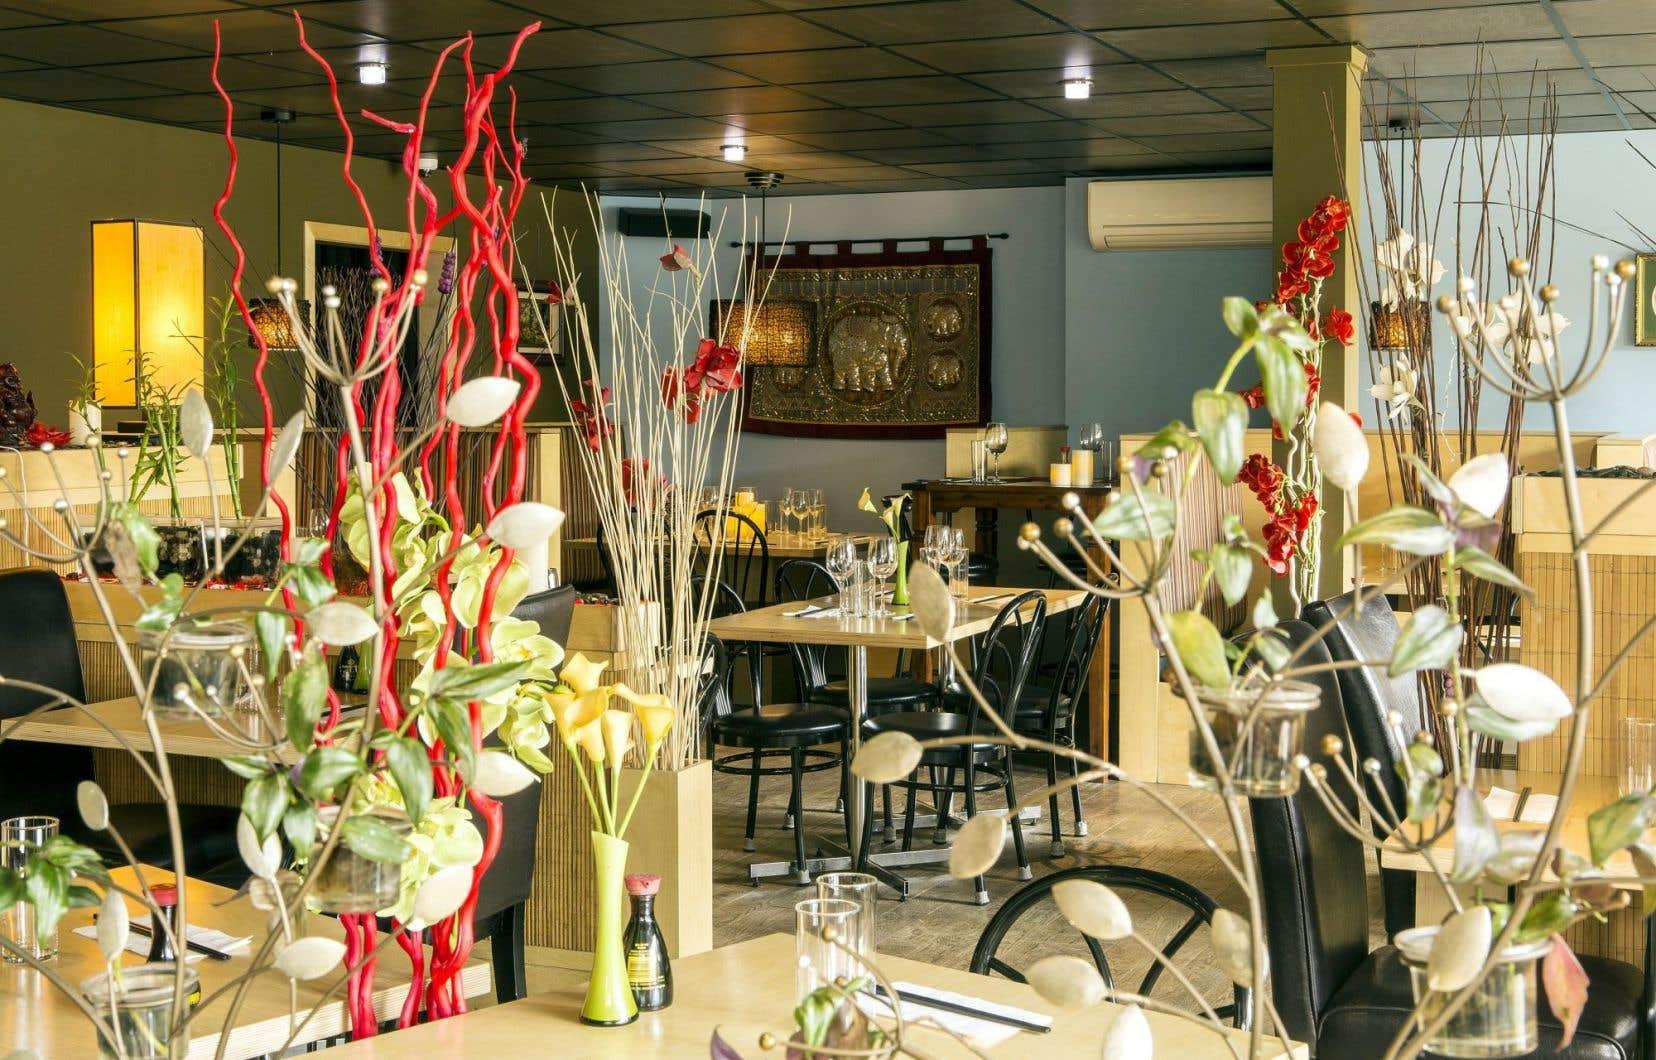 Le décor met en valeur une belle utilisation des matières naturelles, comme le bois, le bambou et les plantes ornementales.